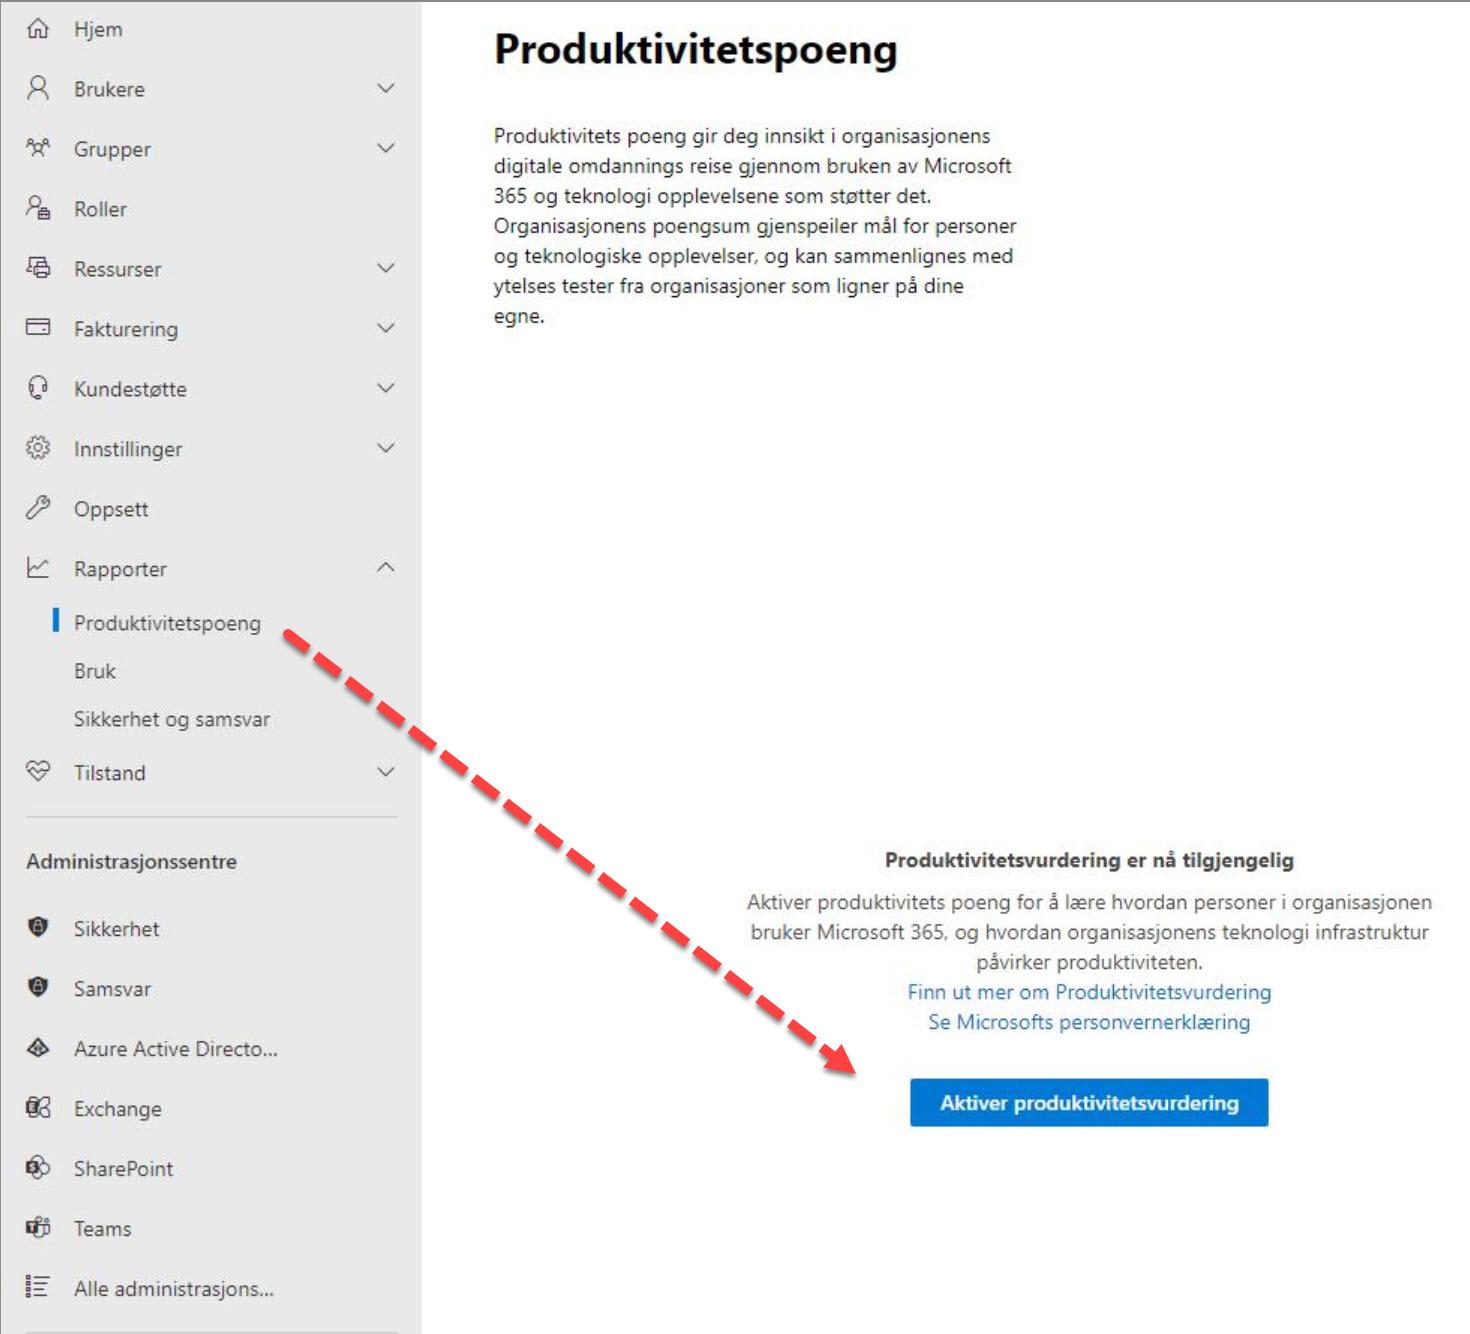 Hvordan bruke Microsoft 365 produktivitets score